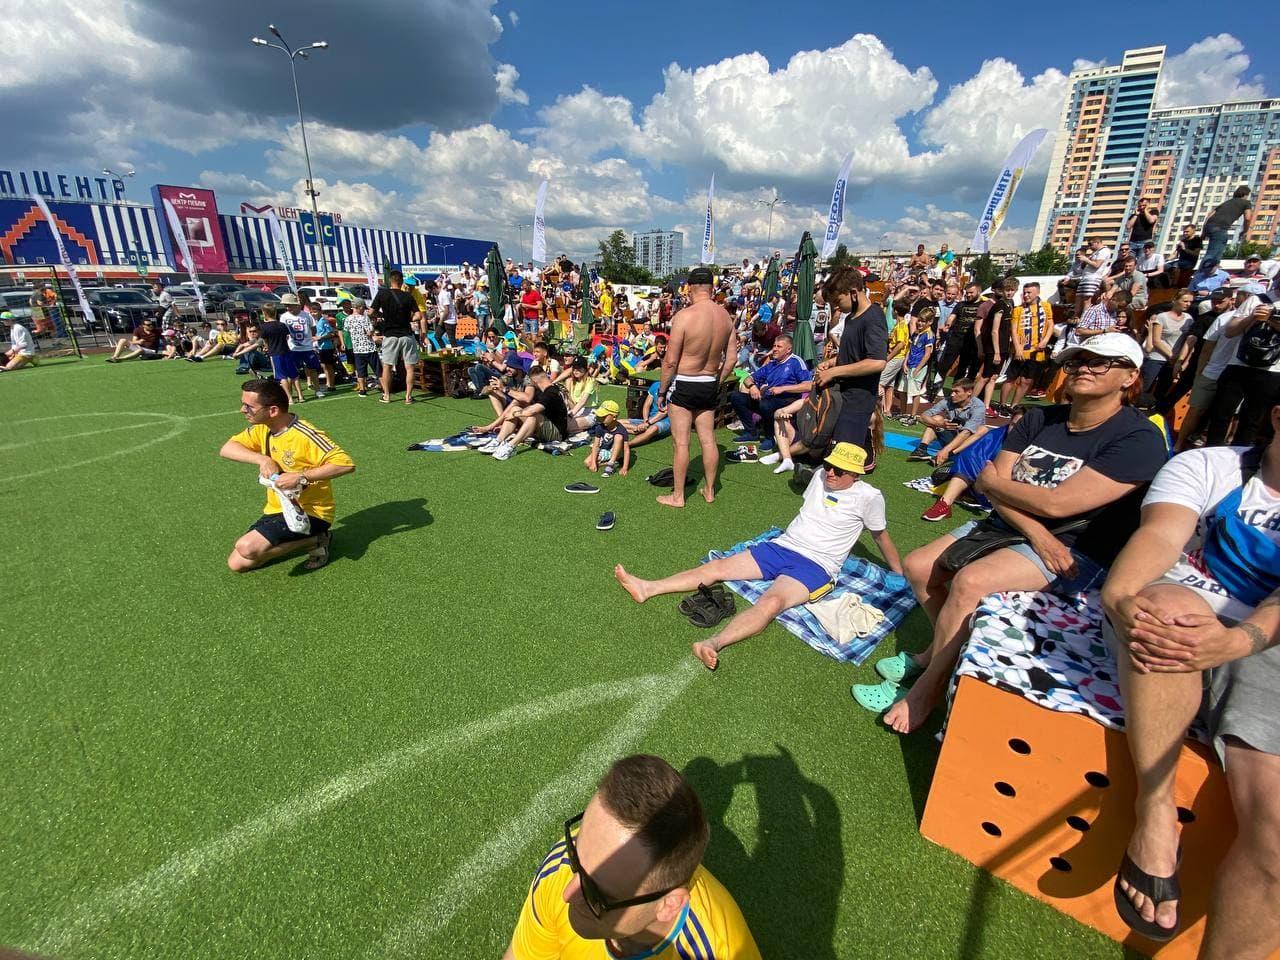 Збірна України грає із Північною Македонією: як вболівають українці у фан-зоні в Києві